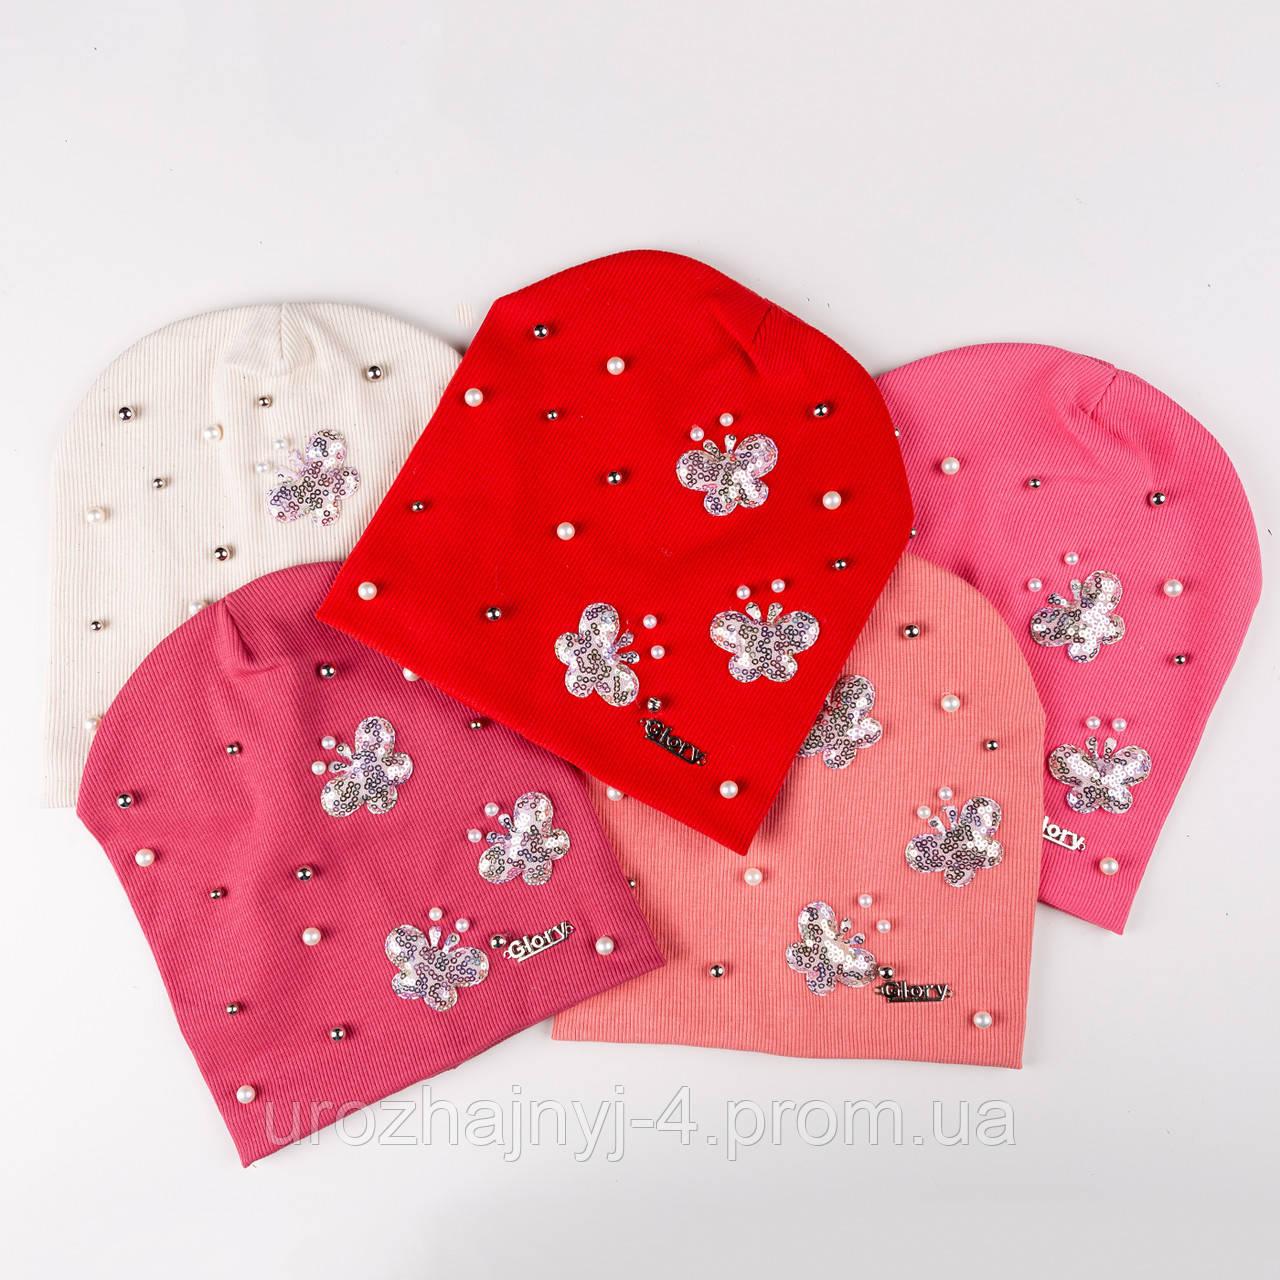 Трикотажная детская шапка на девочку подкладка х/б р50-52 упаковка 5шт